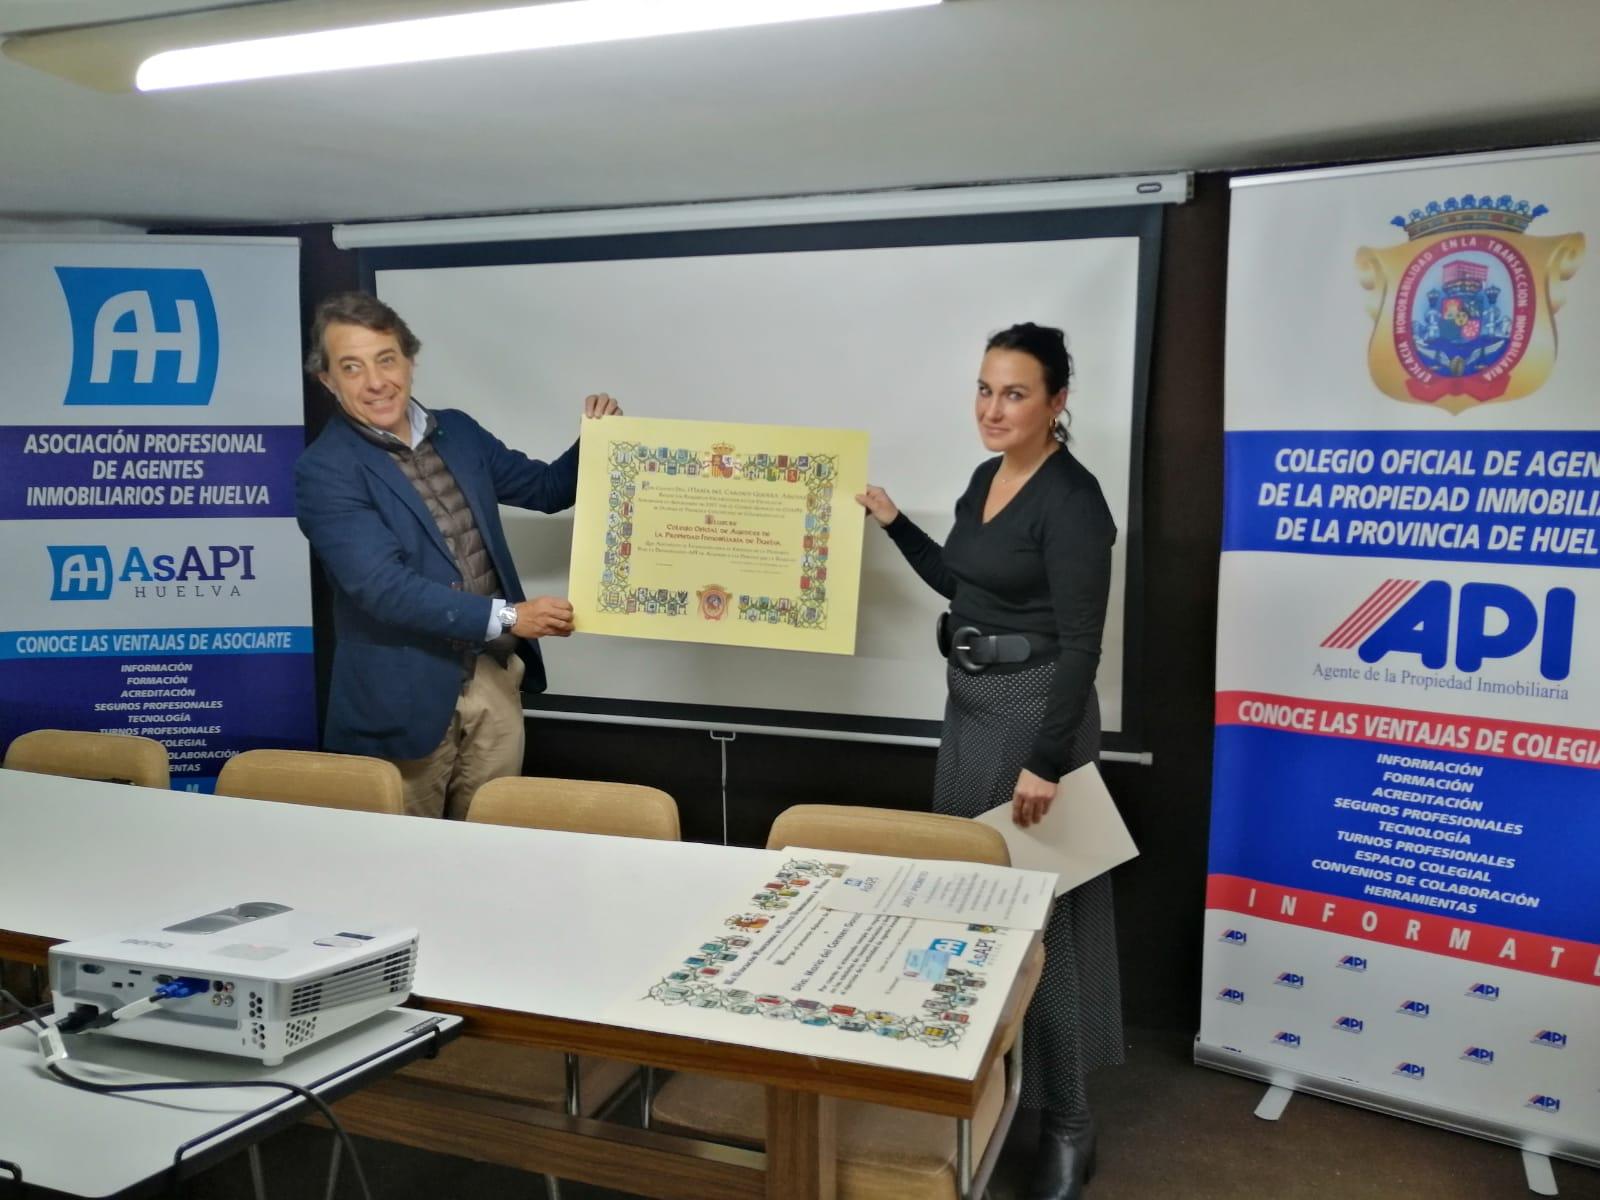 COAPIHUELVA ENTREGA DE DIPLOMA A COLEGIADA Dª MARIA DEL CARMEN GUERRA ARENAS